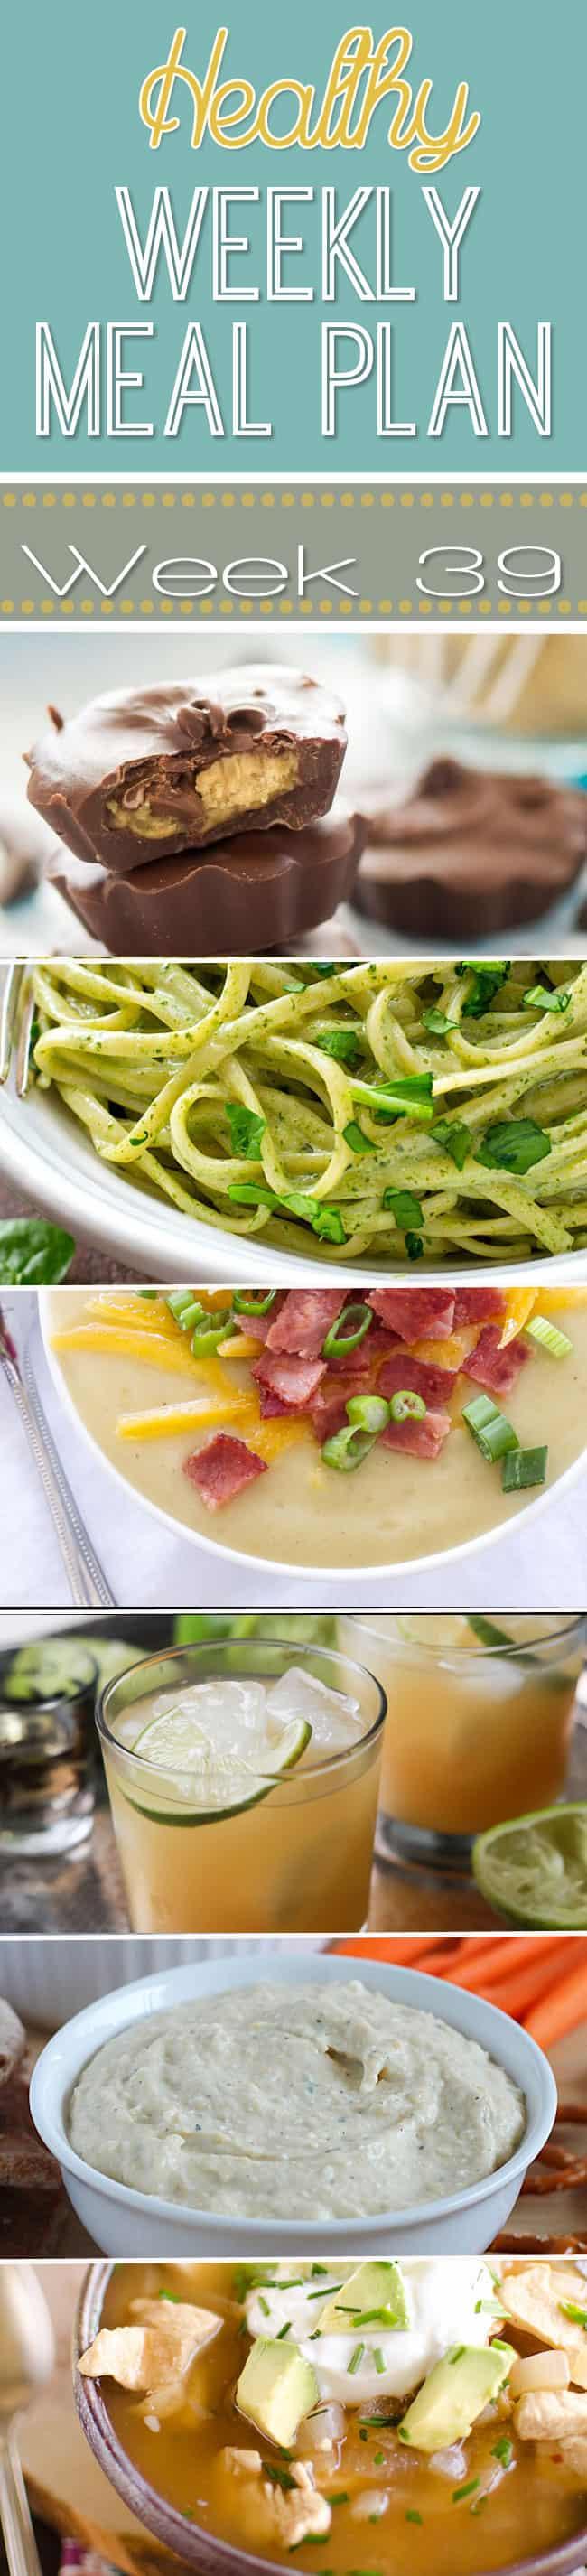 Healthy Weekly Meal Plan Week 39